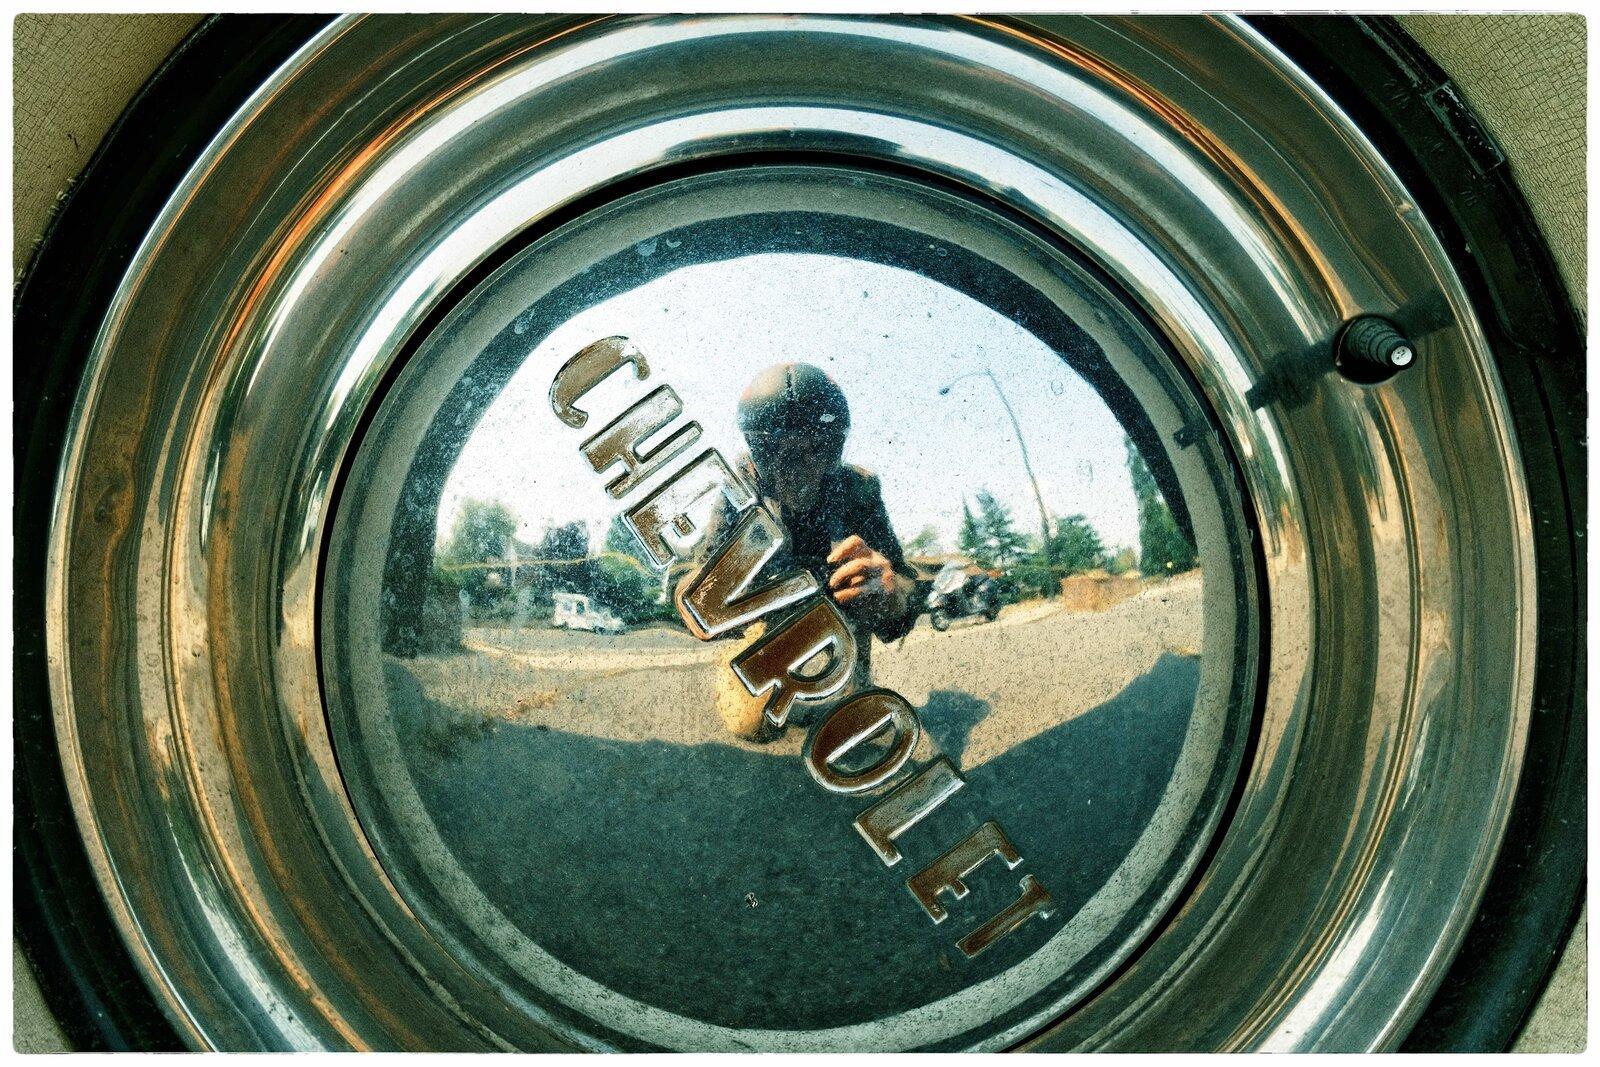 XPro3_Sept10_21_Chevrolet_wheel.jpg